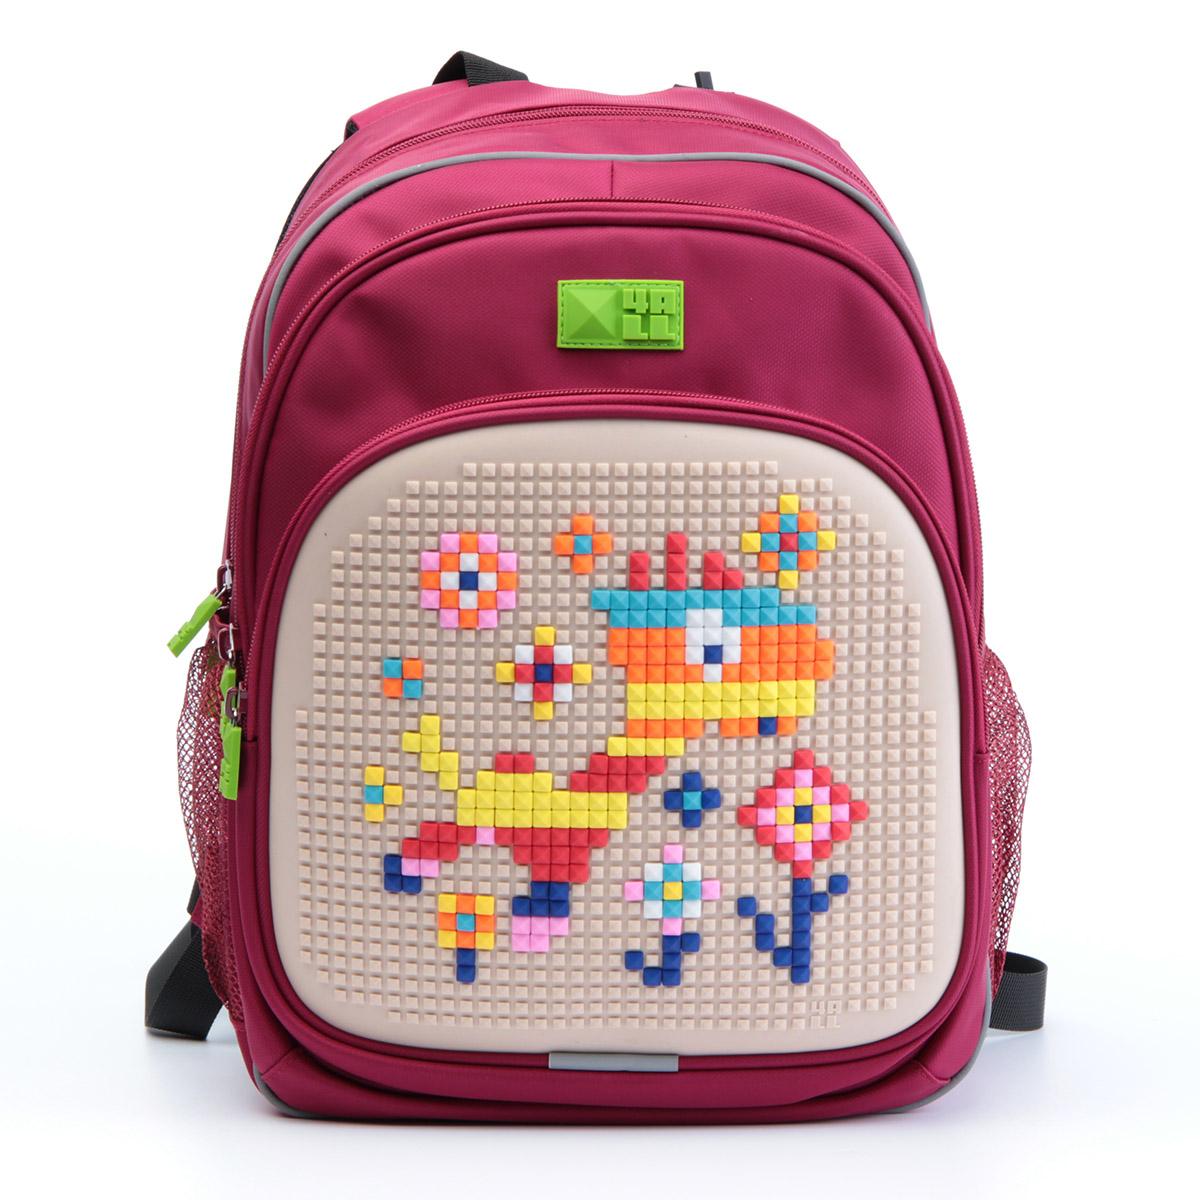 4ALL Рюкзак для девочек Kids цвет малиновыйRK61-03NРюкзак бренда 4ALL - это одновременно яркий, функциональный школьный аксессуар и площадка для самовыражения. Заботясь о Вашем комфорте, удобстве и творческом развитии Ваших детей, мы создали уникальные рюкзаки KIDS с силиконовой панелью и разноцветные мозаичные БИТЫ с помощью которых на рюкзаке можно создавать графические шедевры хоть каждый день! Особенности: AIR COMFORT system: - Система свободной циркуляции воздуха между задней стенкой рюкзака и спиной ребенка. ERGO system: - Разработанная нами система ERGO служит равномерному распределению нагрузки на спину ребенка. Она способна сделать рюкзак, наполненный учебниками, легким. ERGO служит сохранению правильной осанки и заботится о здоровье позвоночника! Ортопедическая спина: - Важное свойство наших рюкзаков - ортопедическая спина! Способна как корсет поддерживать позвоночник, правильно распределяя нагрузку. А также: - Гипоаллергенный силикон; - Водоотталкивающие материалы; - Устойчивость всех материалов к температурам воздуха...